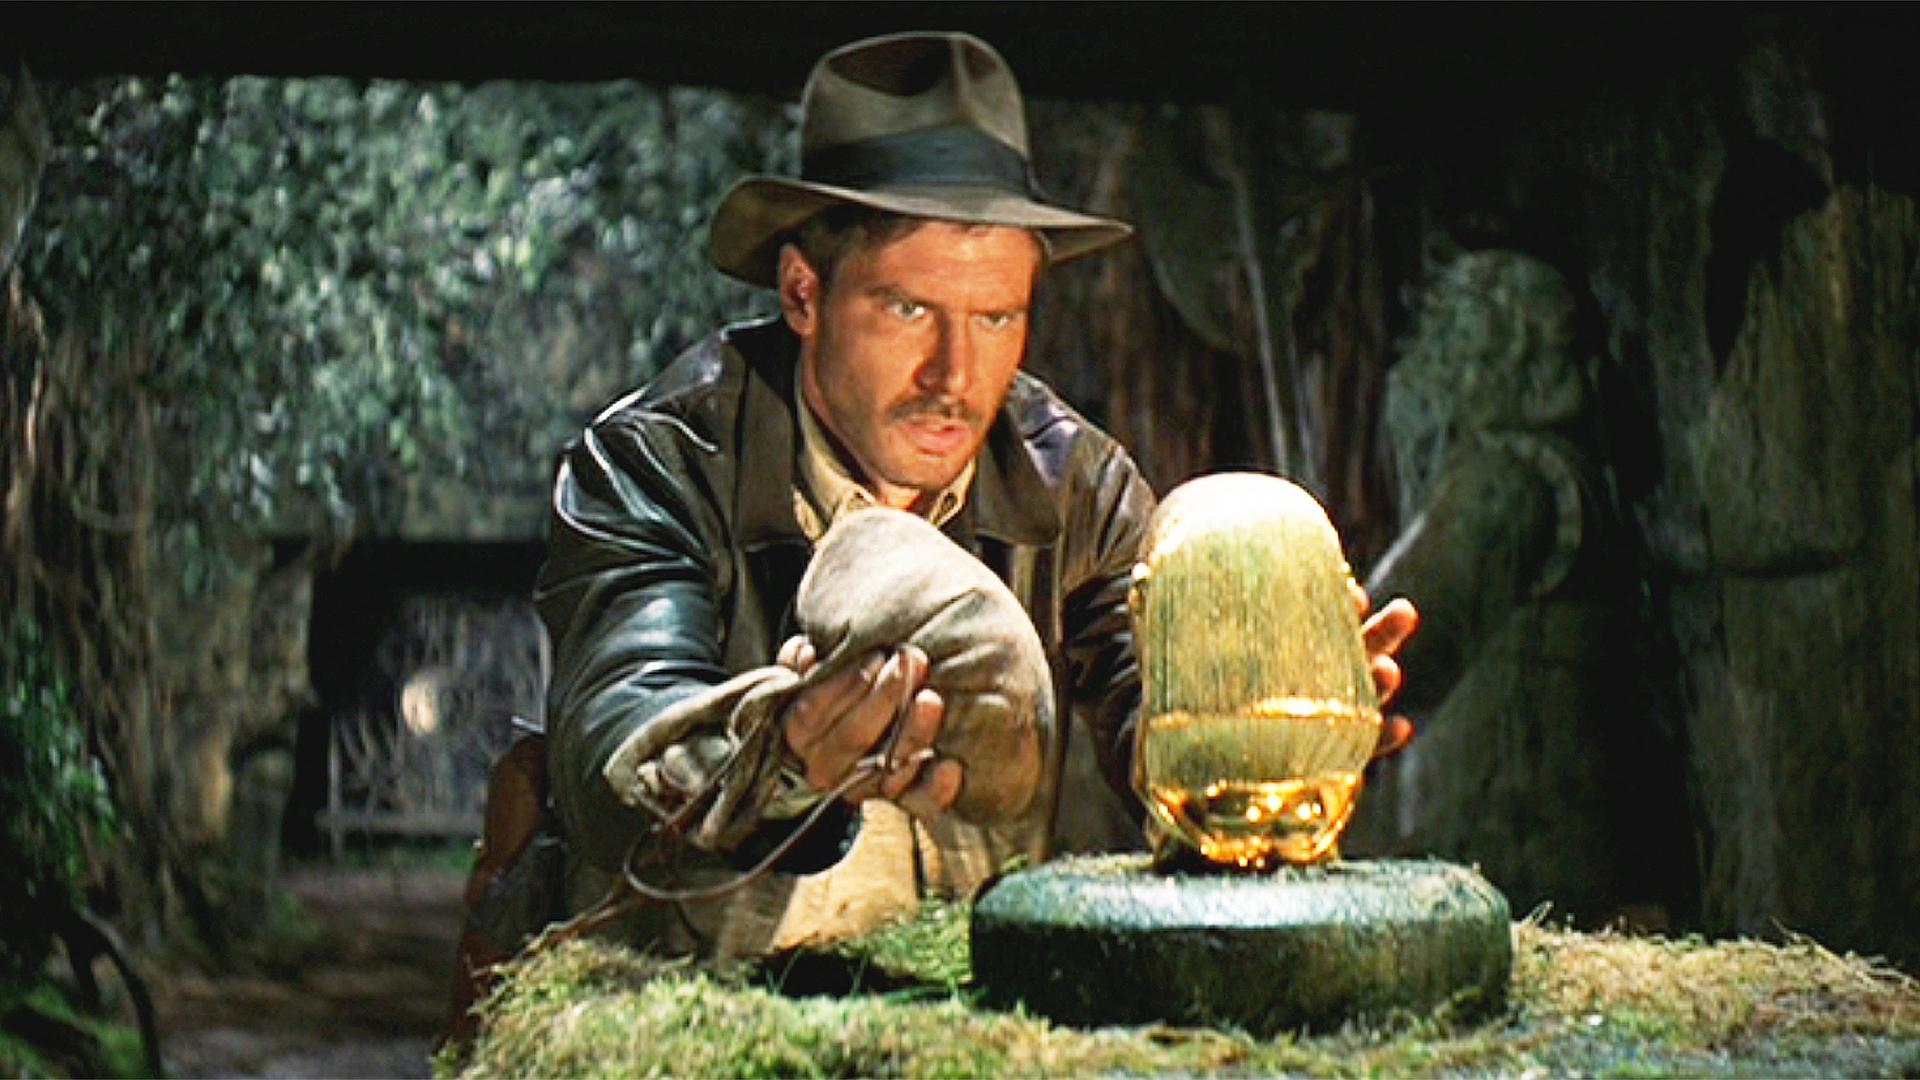 Antonio Banderas is szerepel majd a legújabb Indiana Jones filmben